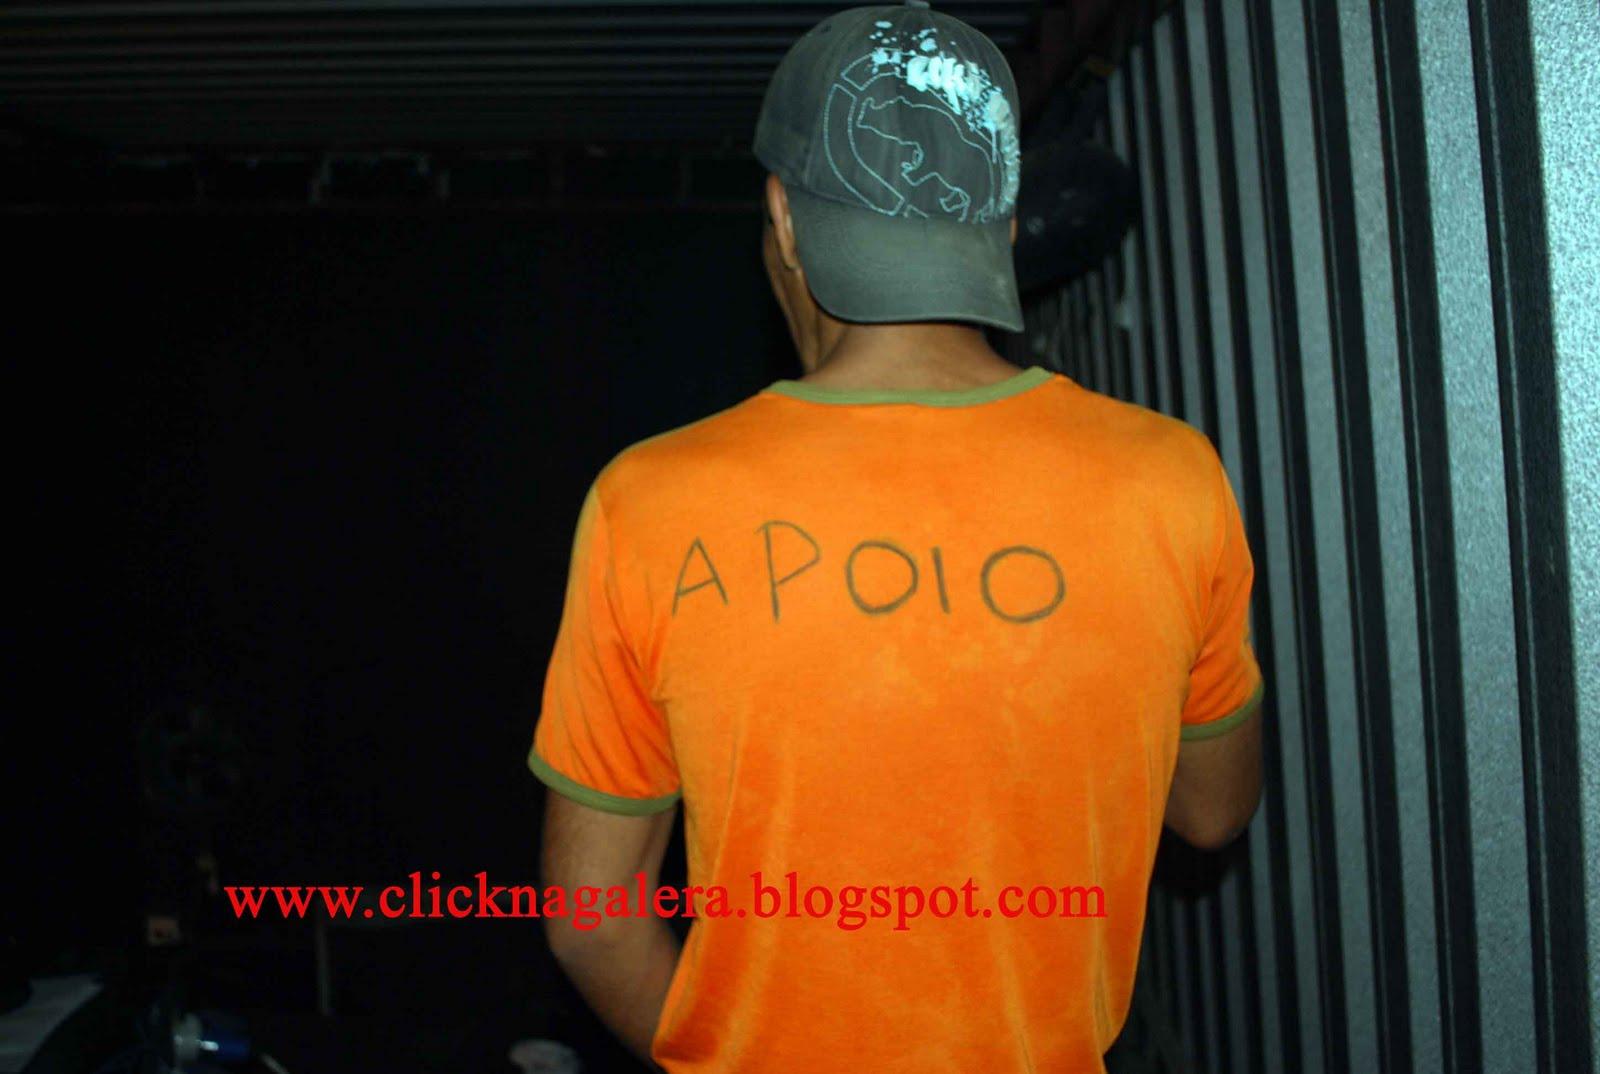 http://2.bp.blogspot.com/_BVZtSPJbtpI/TAT1PbtuJZI/AAAAAAAACjc/j_DPOSIgY4w/s1600/22.jpg